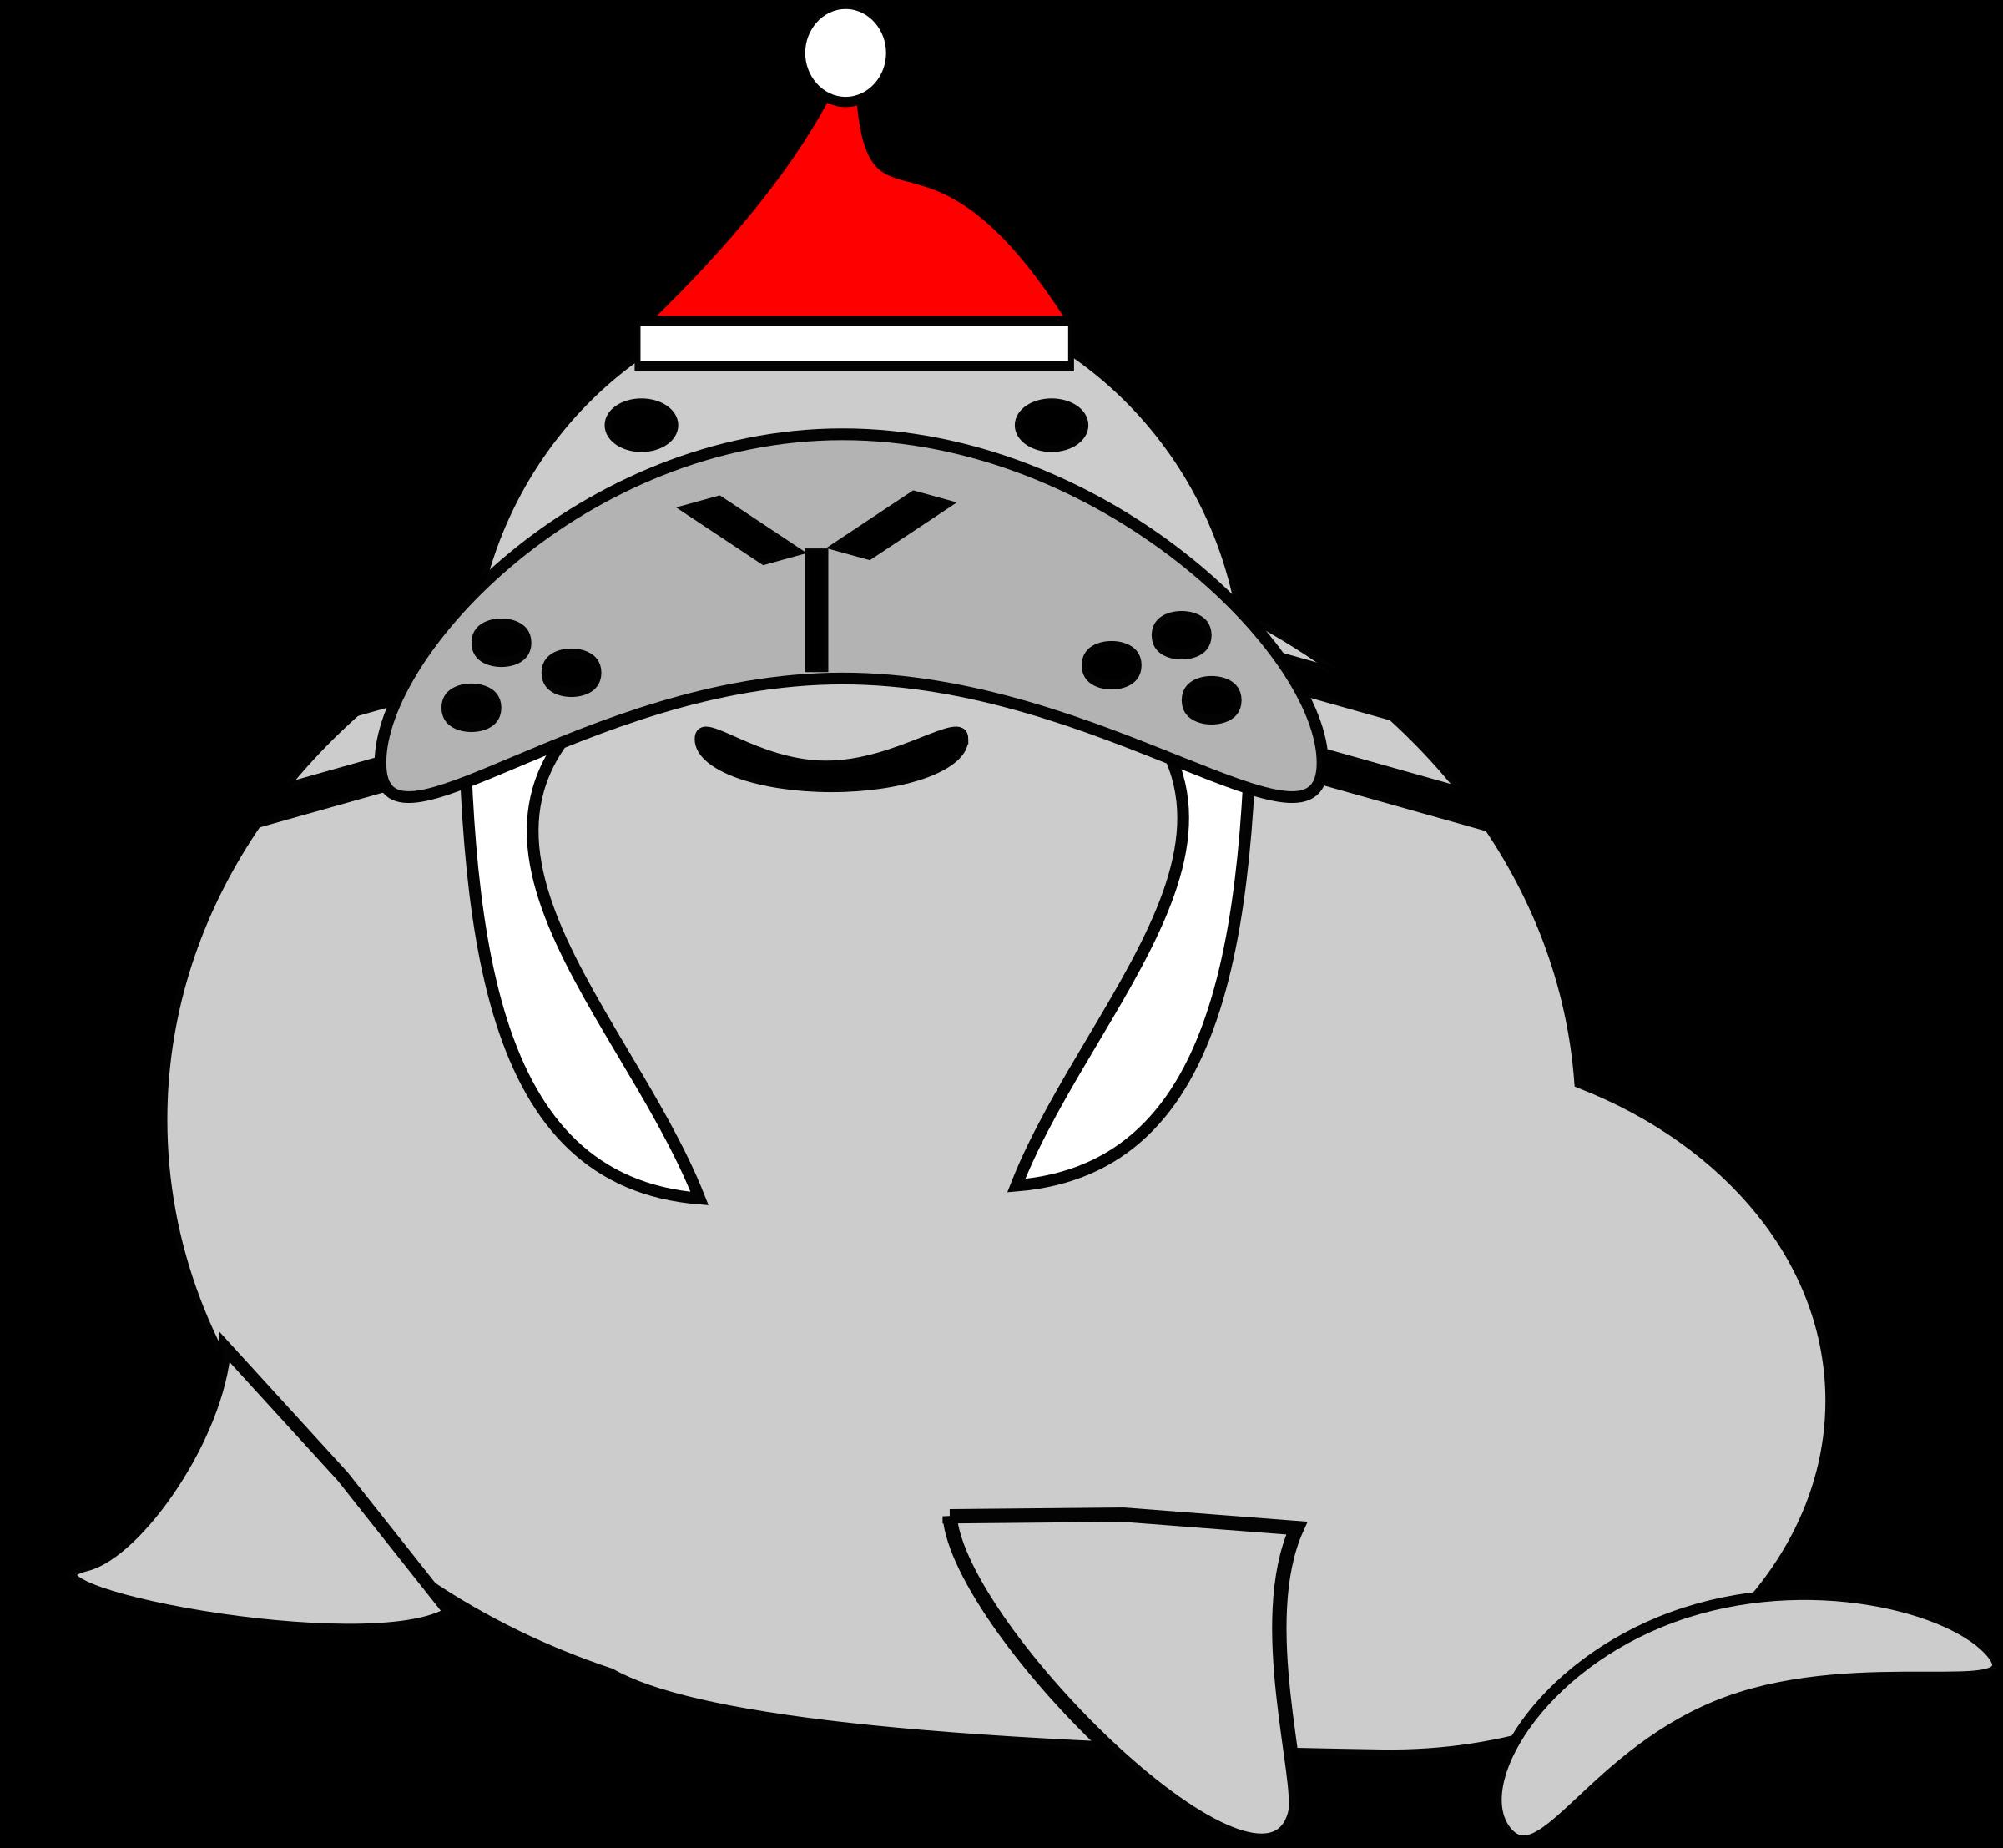 Walrus clipart transparent. Santa big image png